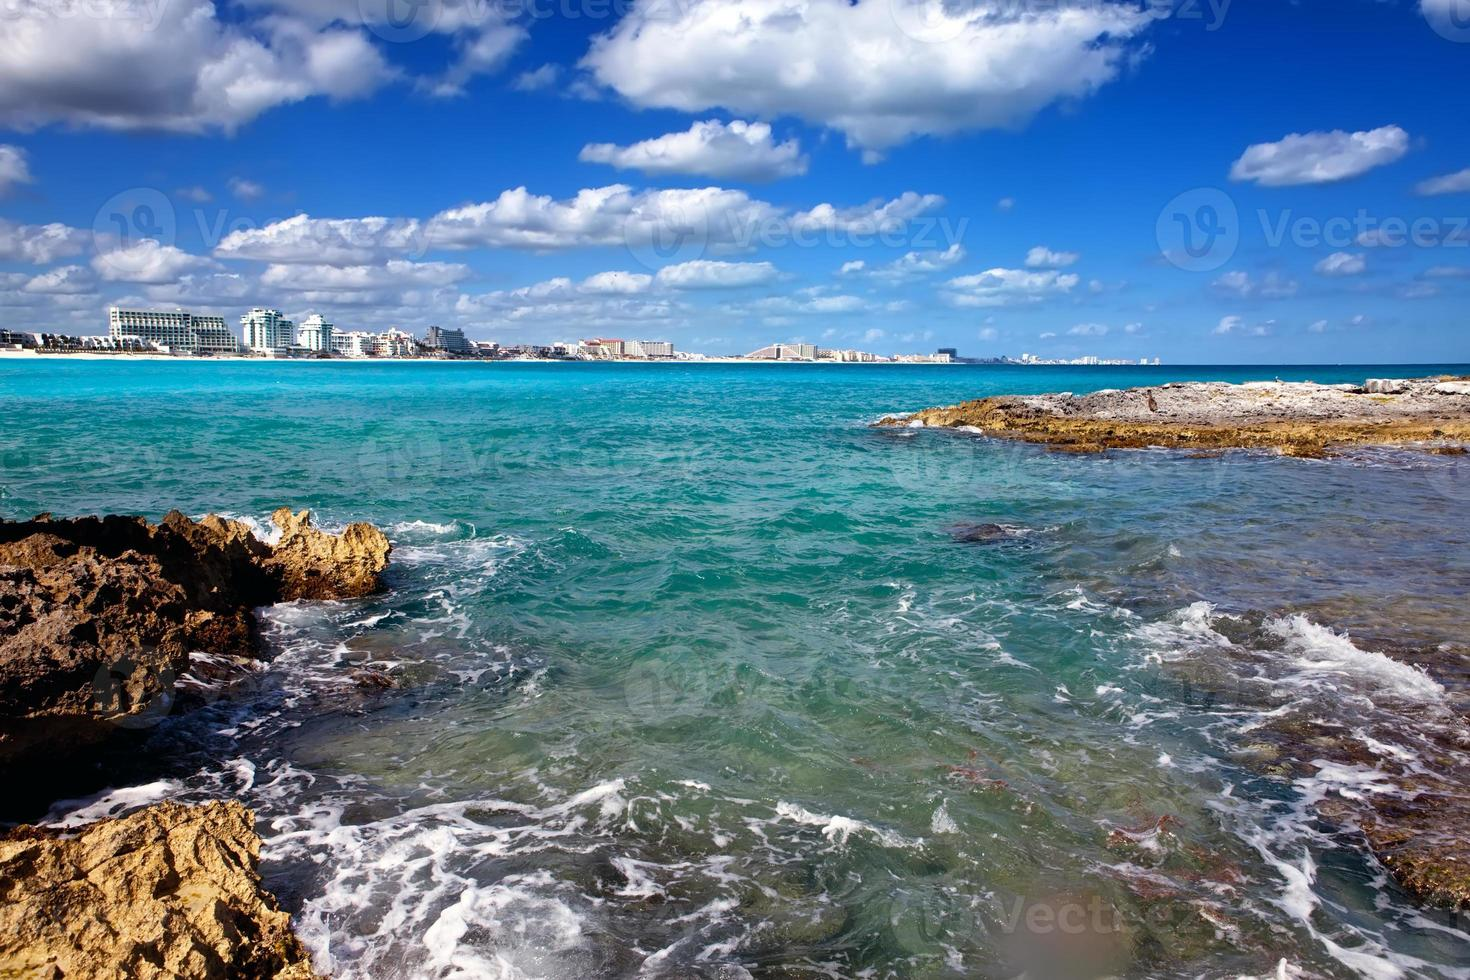 côte rocheuse, mer et ville au loin au mexique. cancun photo